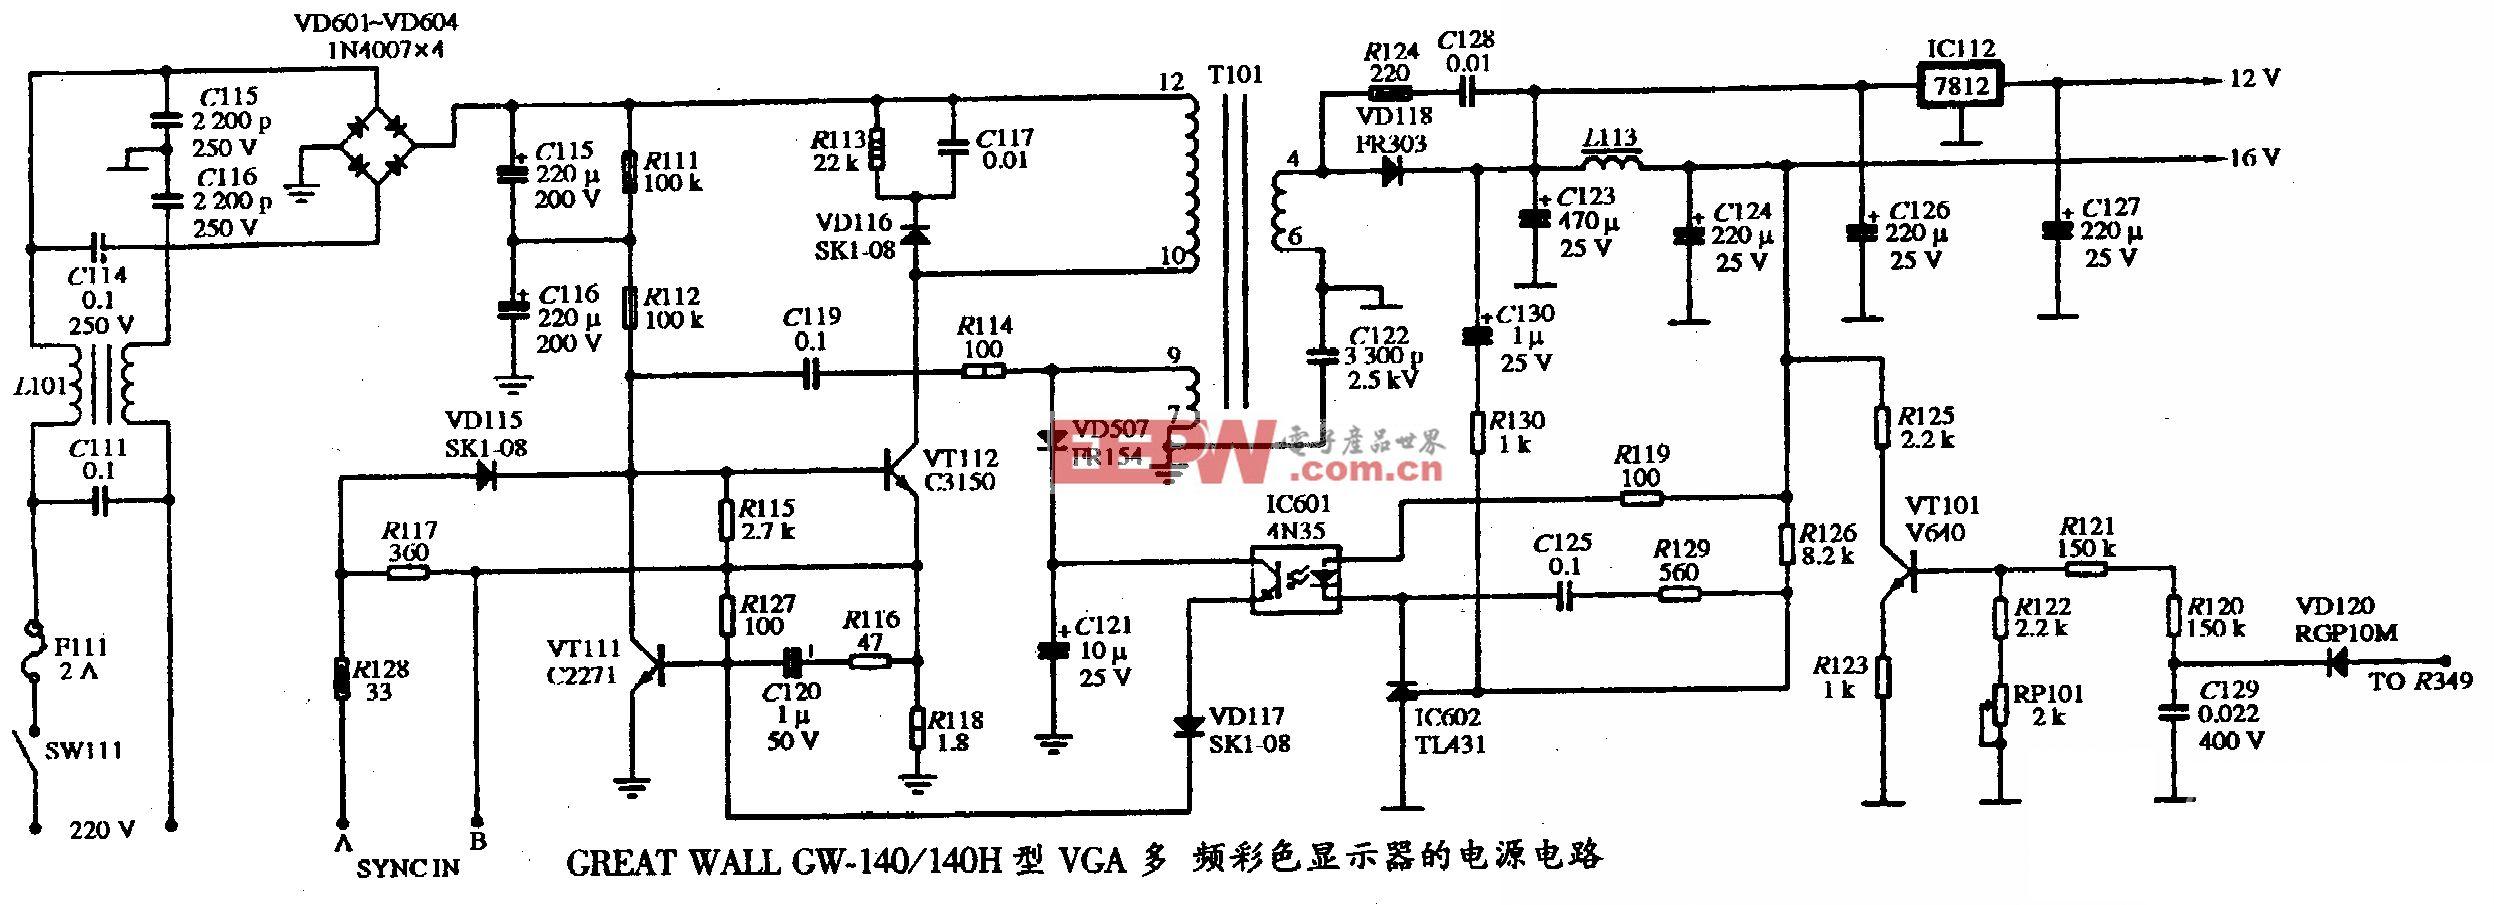 GREAT WALL GW-140/140H型VGA多频彩色显示器的电源电路图